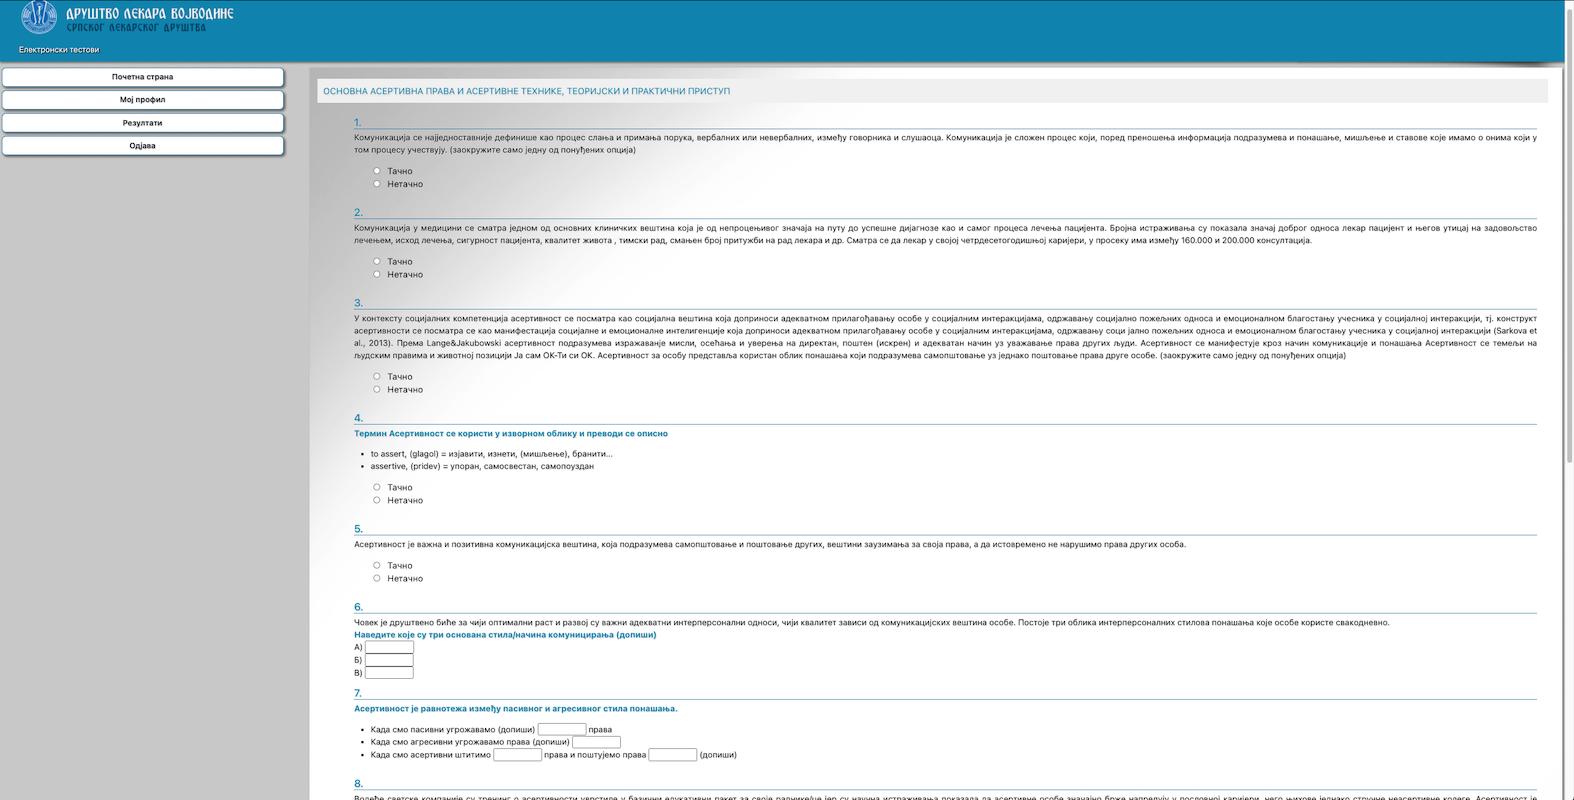 Screenshot-2021-09-03-at-12.22.14-2